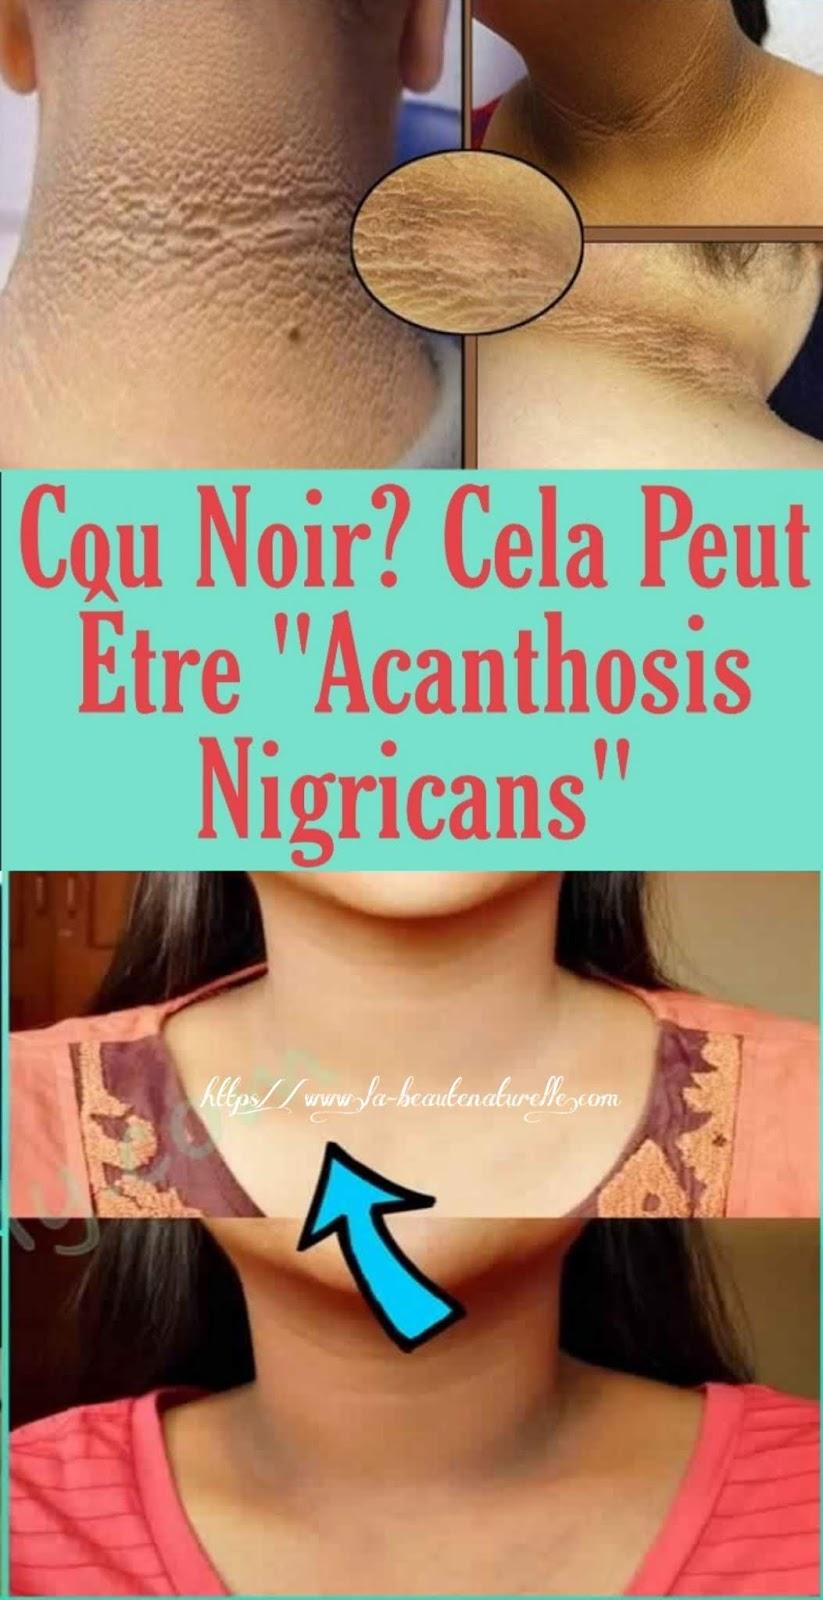 """Cou Noir? Cela Peut Être """"Acanthosis Nigricans"""""""